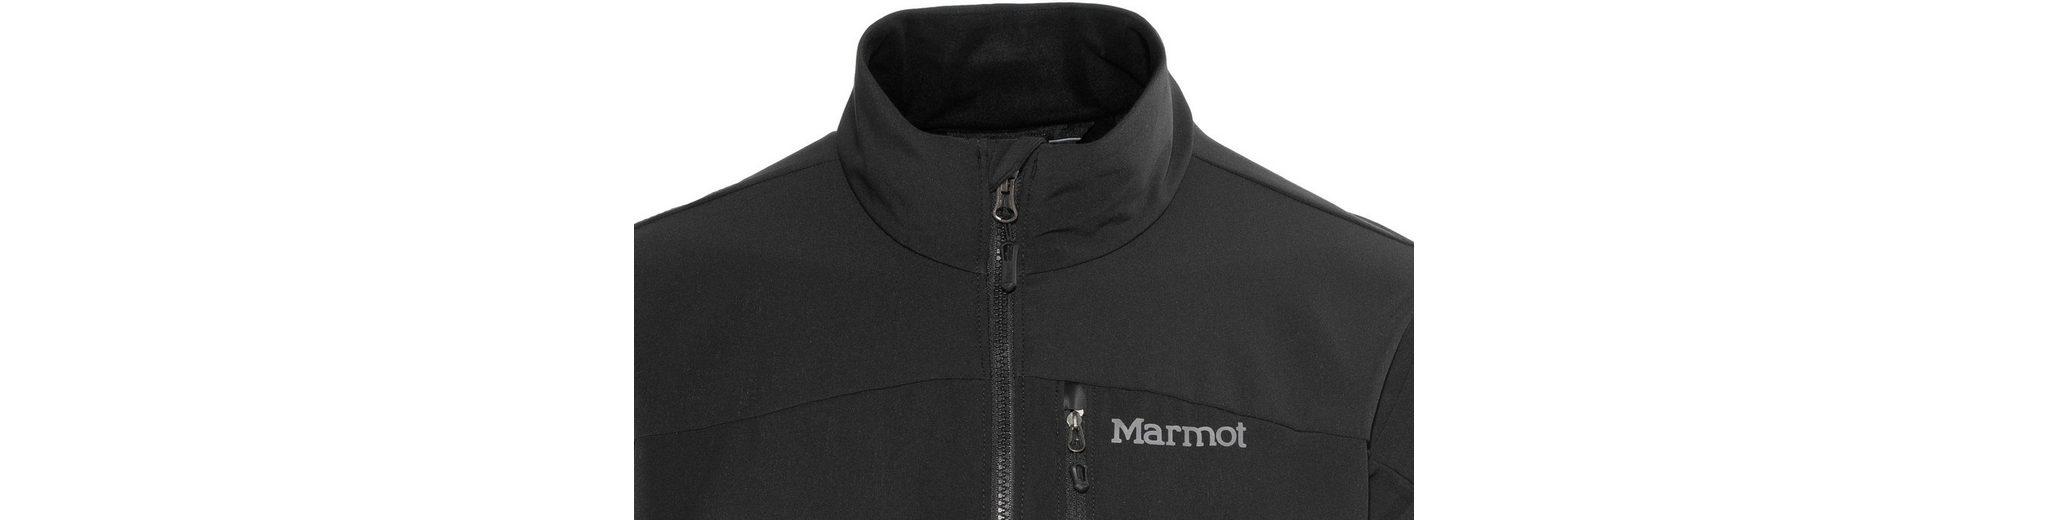 Marmot Outdoorjacke Shield Softshell Jacket Men Freie Versandrabatte Spielraum Manchester Großer Verkauf 9aq88D